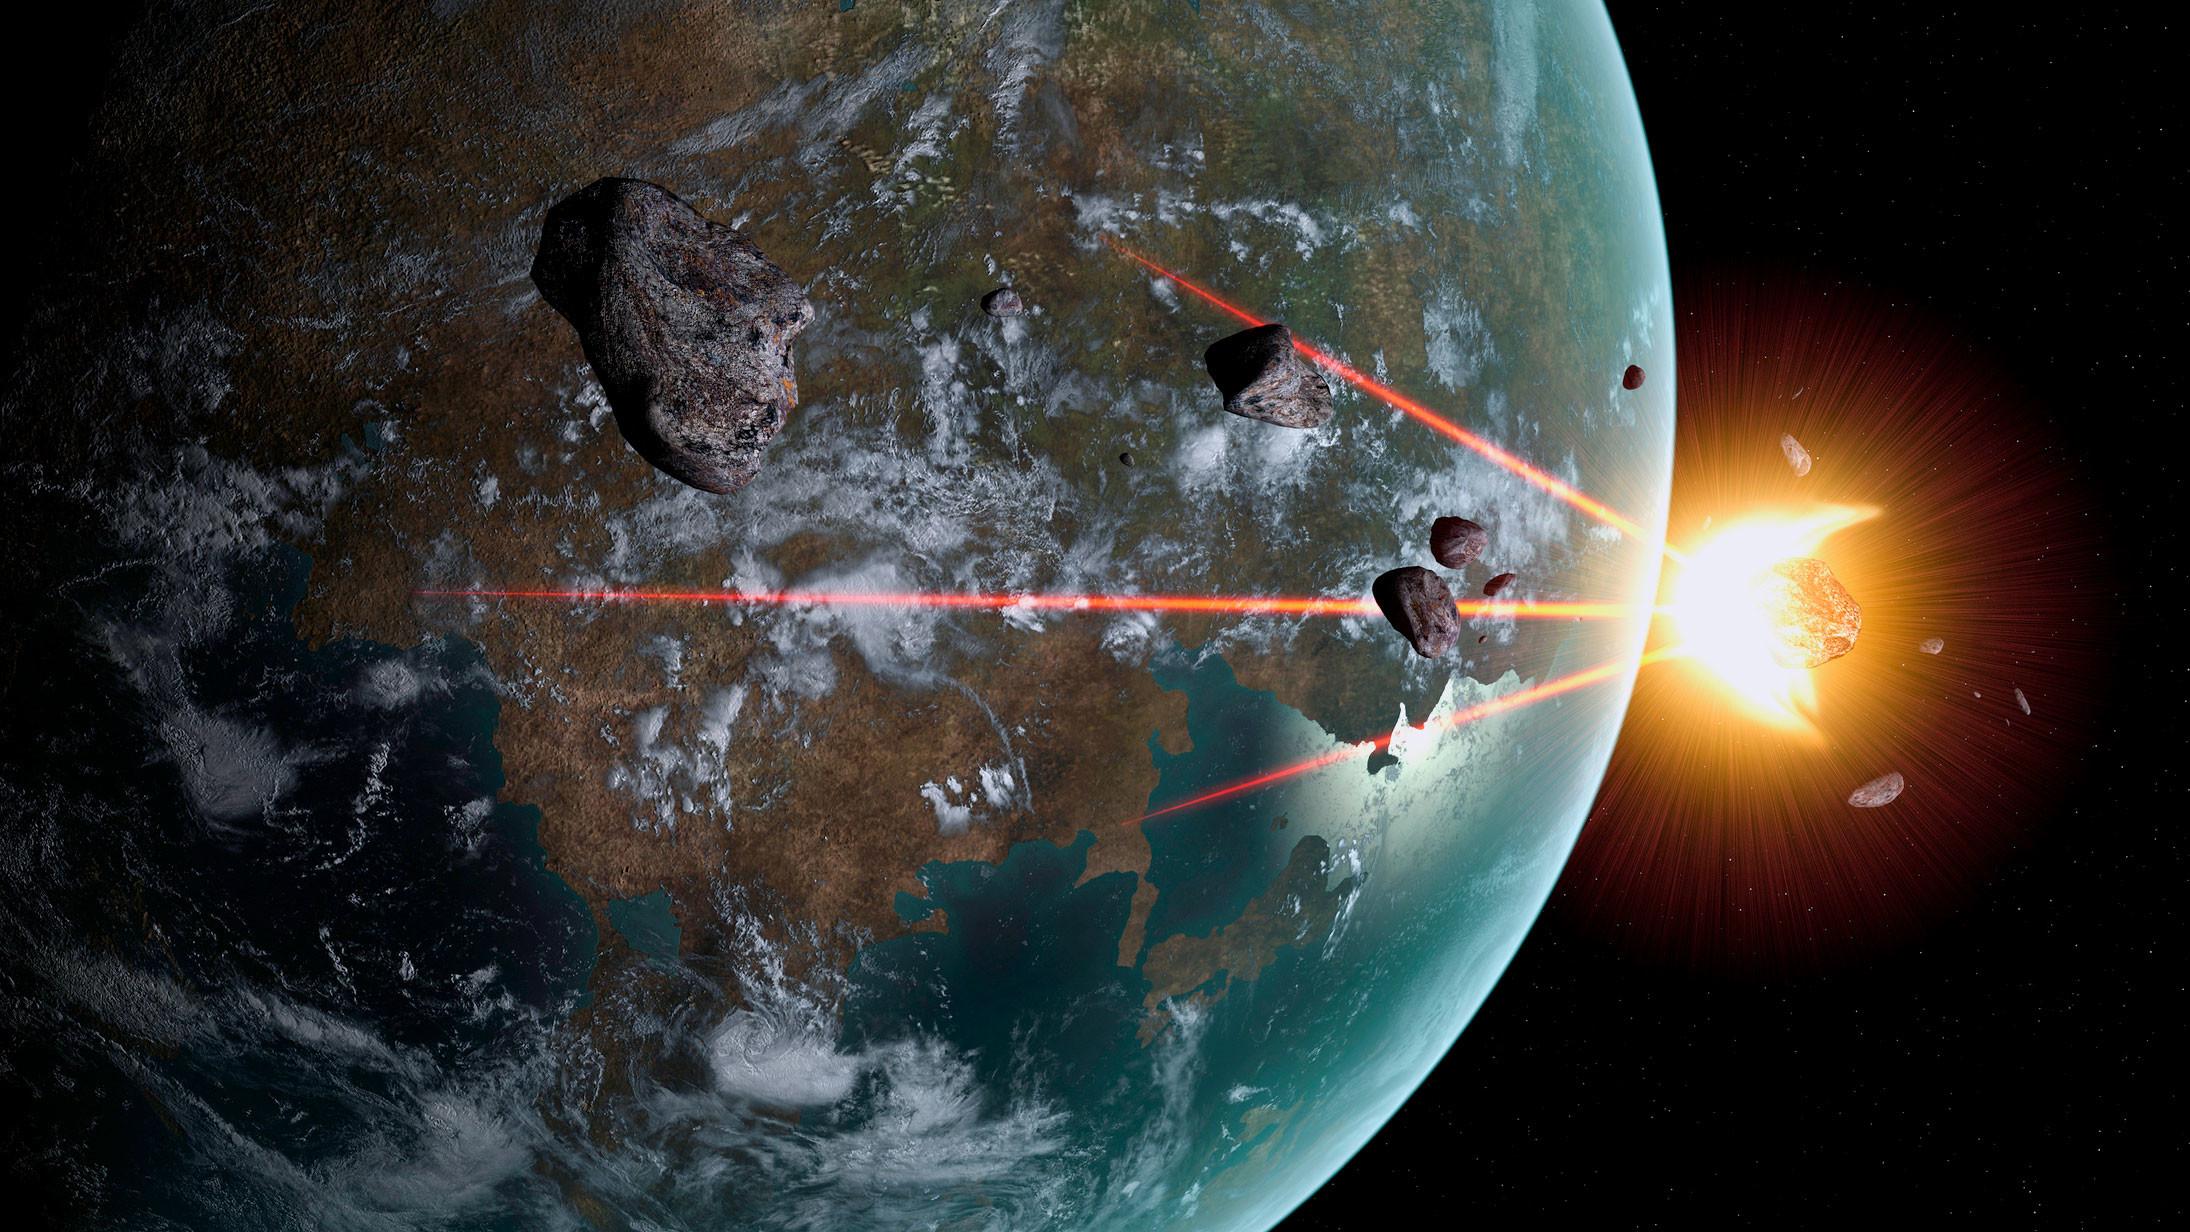 Большинство метеоритов сгорает в атмосфере, до Земли способны долететь лишь самые крупные